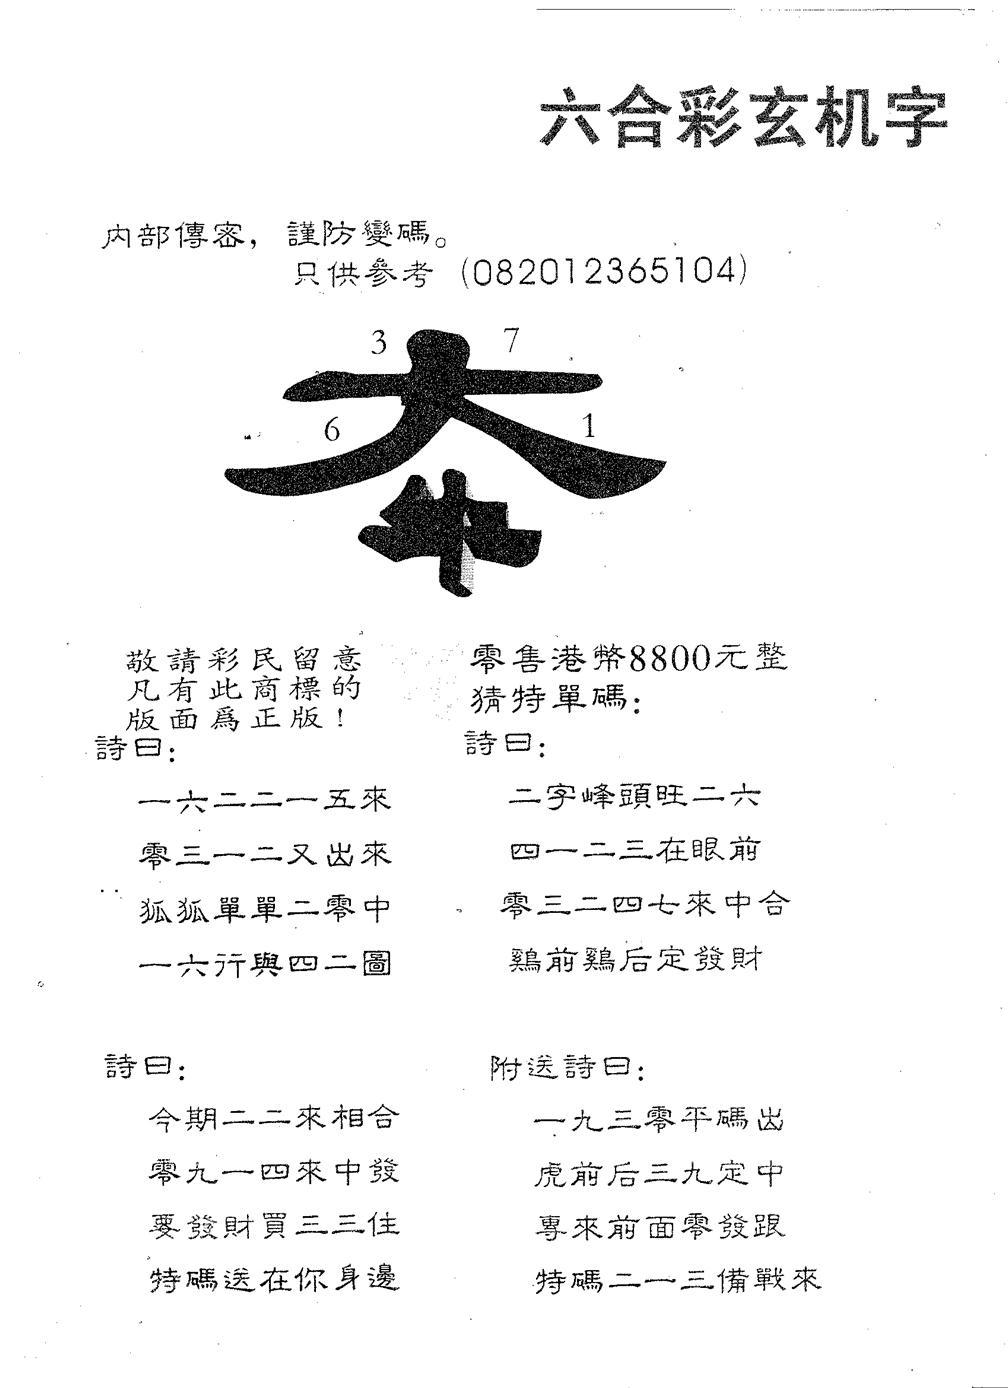 066期玄机字8800(黑白)